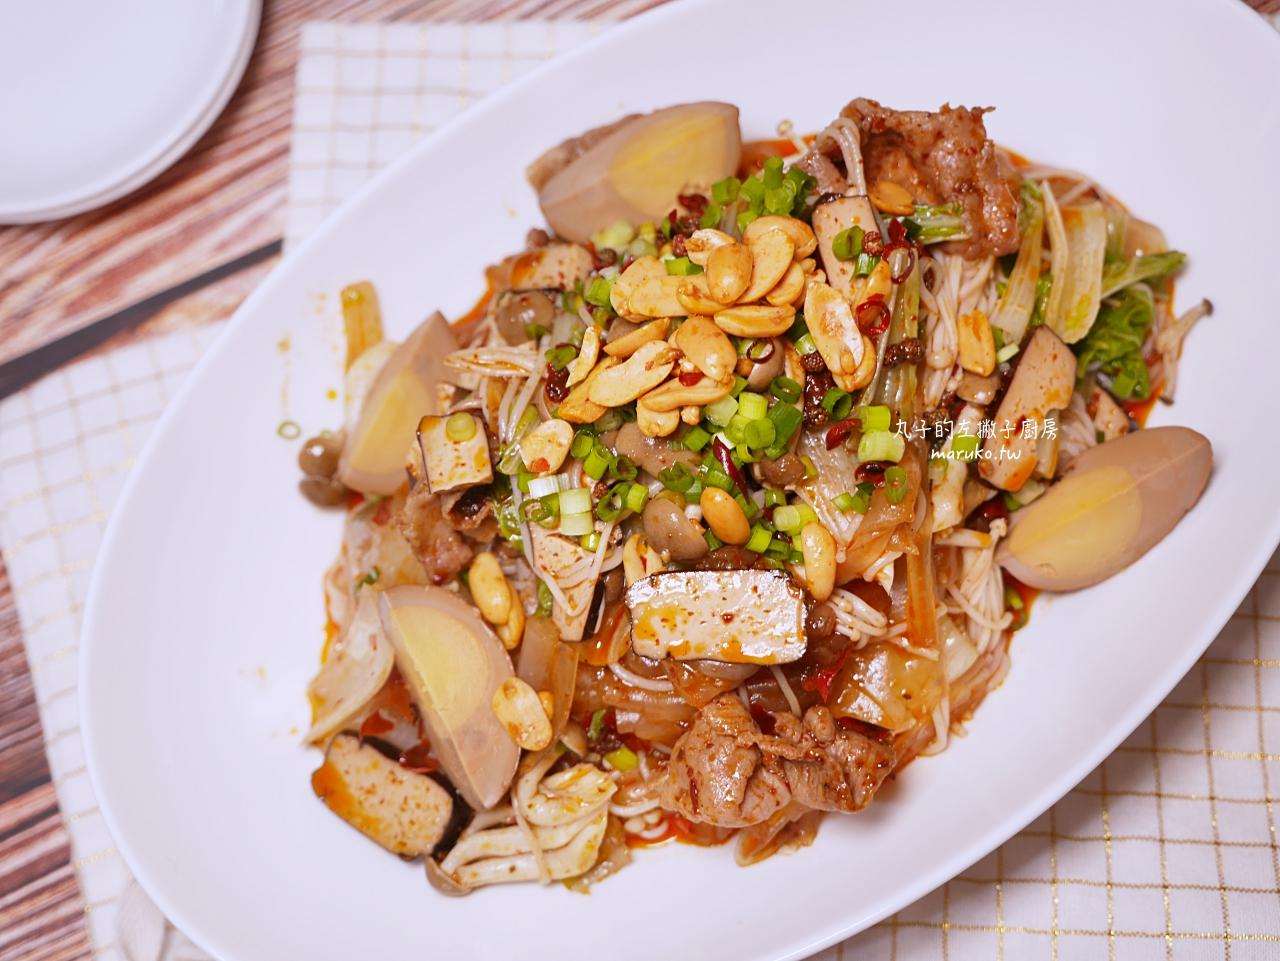 【食譜】海底撈清油鍋底 辣滷味創意吃法 這樣拌更夠味 @Maruko與美食有個約會